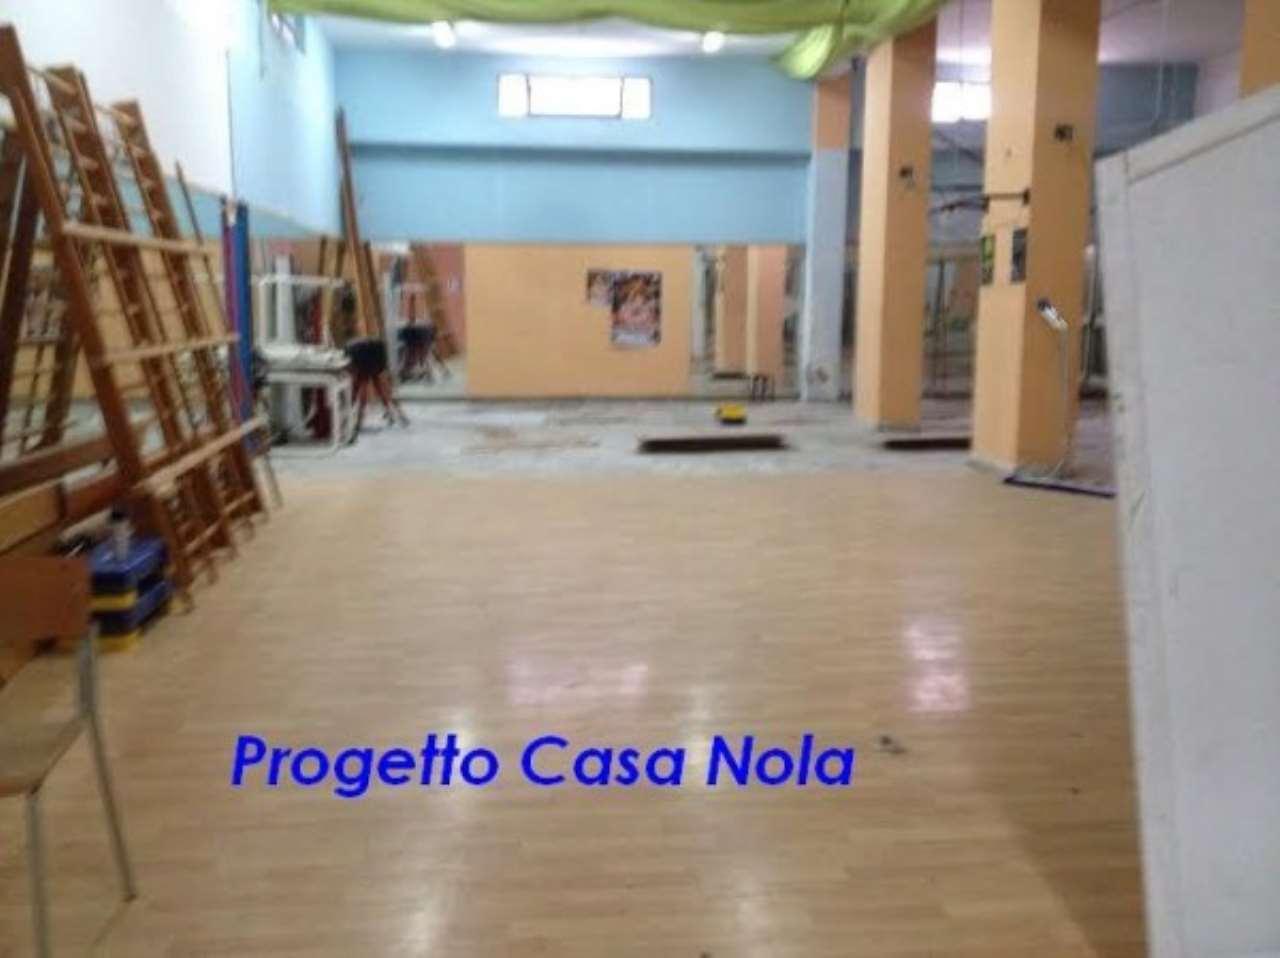 Nola Affitto NEGOZI Immagine 0